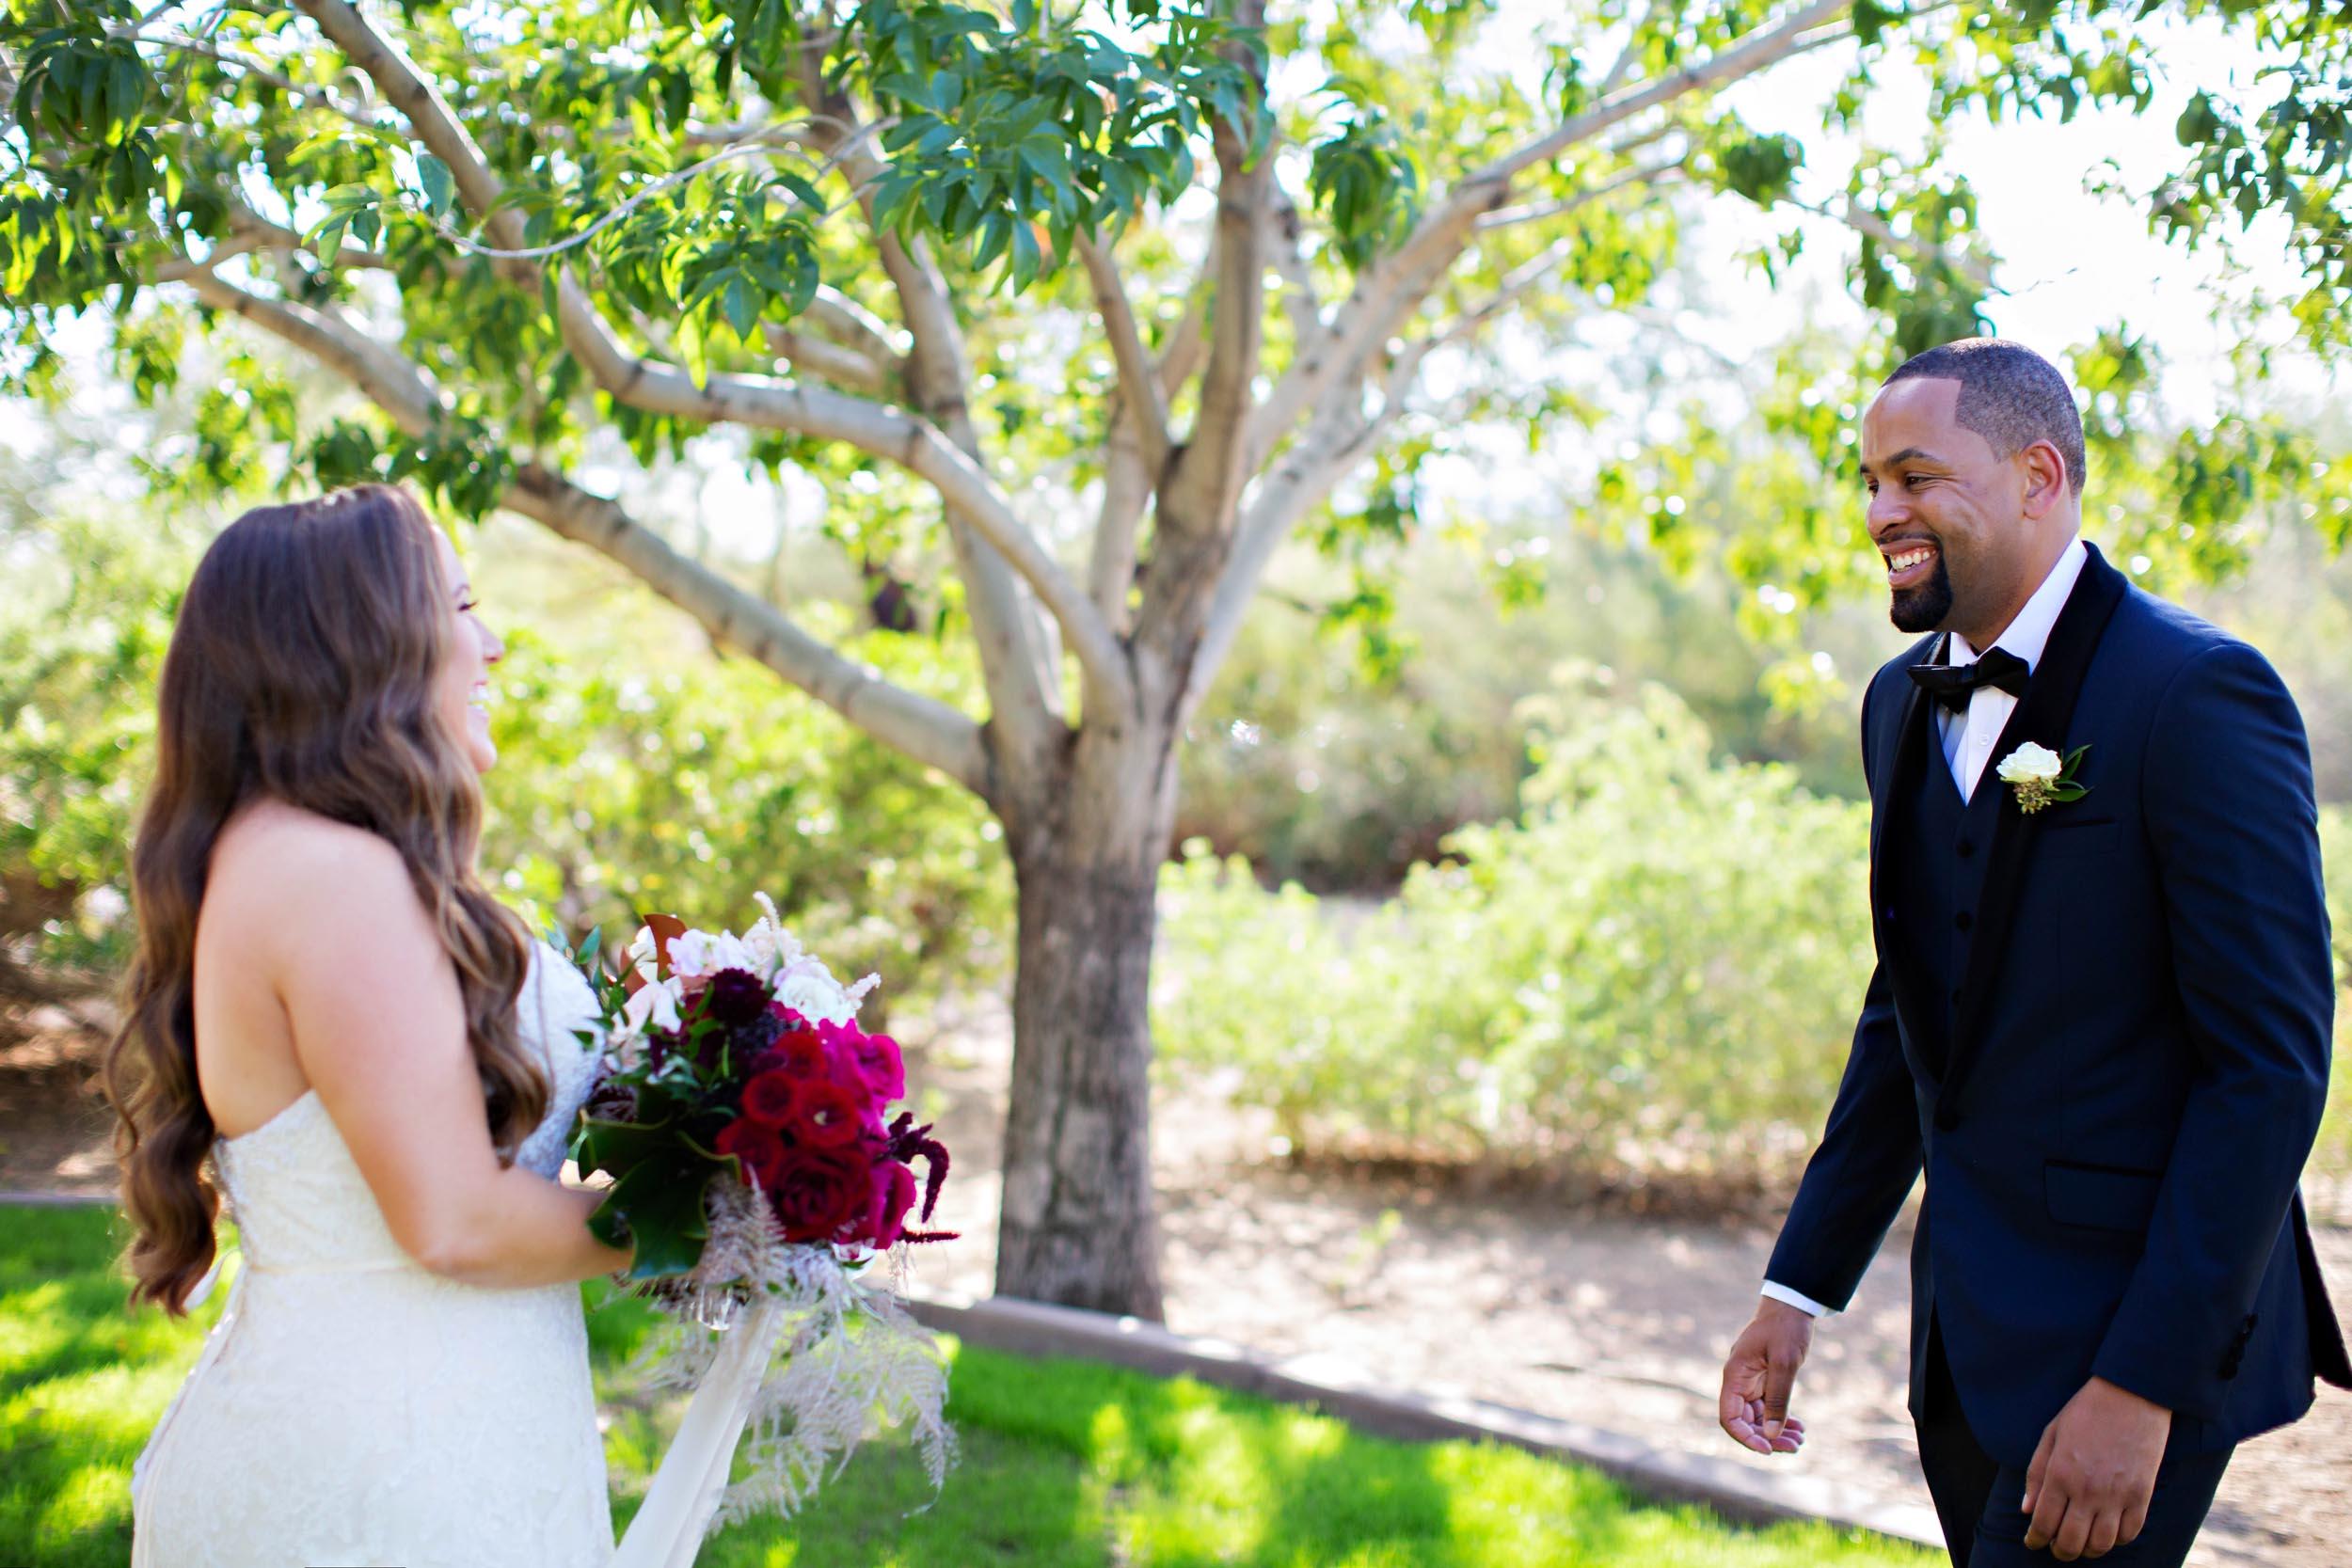 weddings-wildhorse-04.jpg